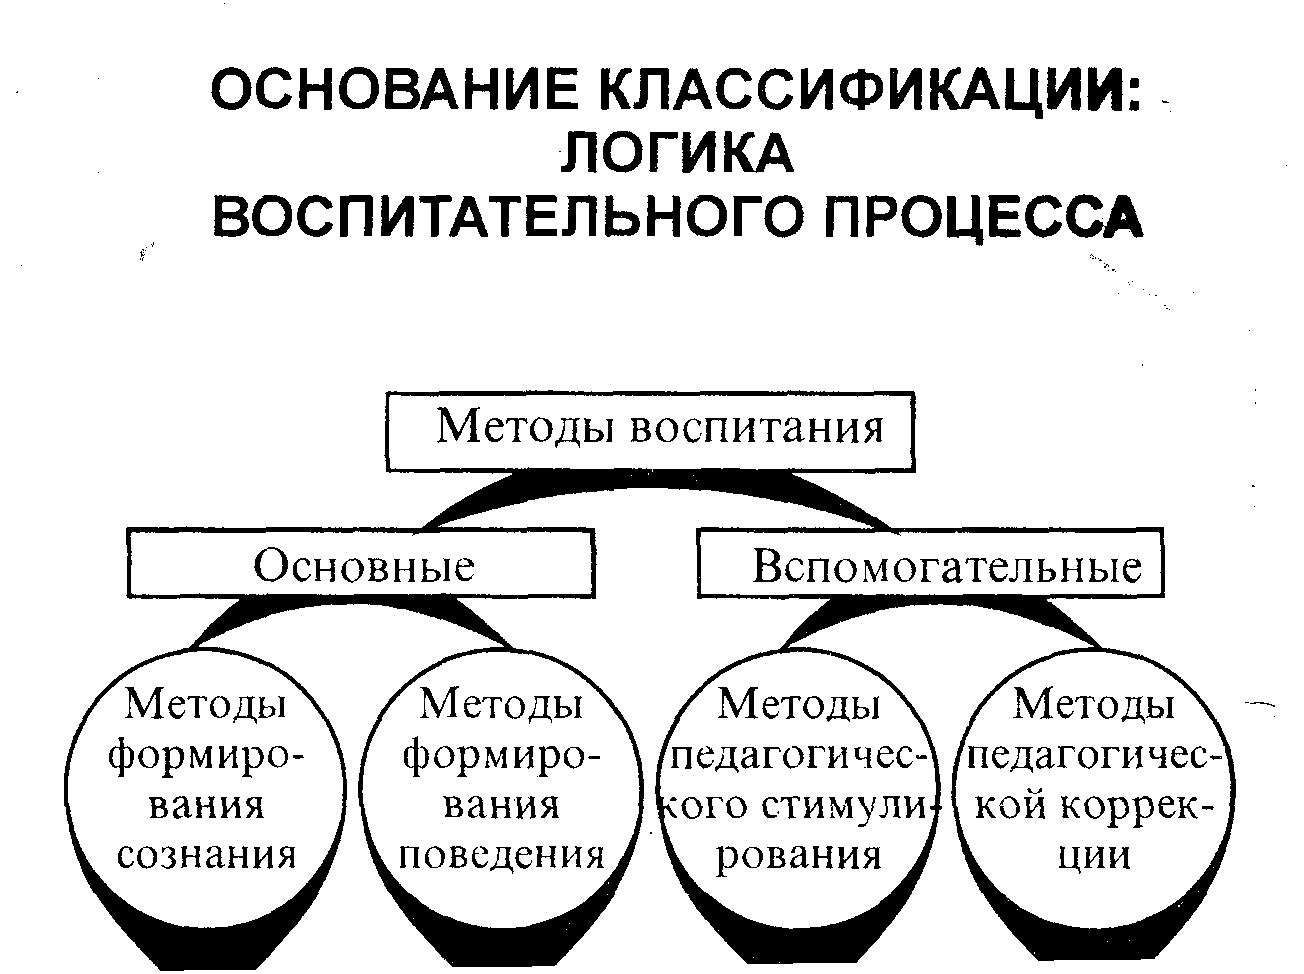 Формы, Методы И Средства Воспитания Шпаргалки